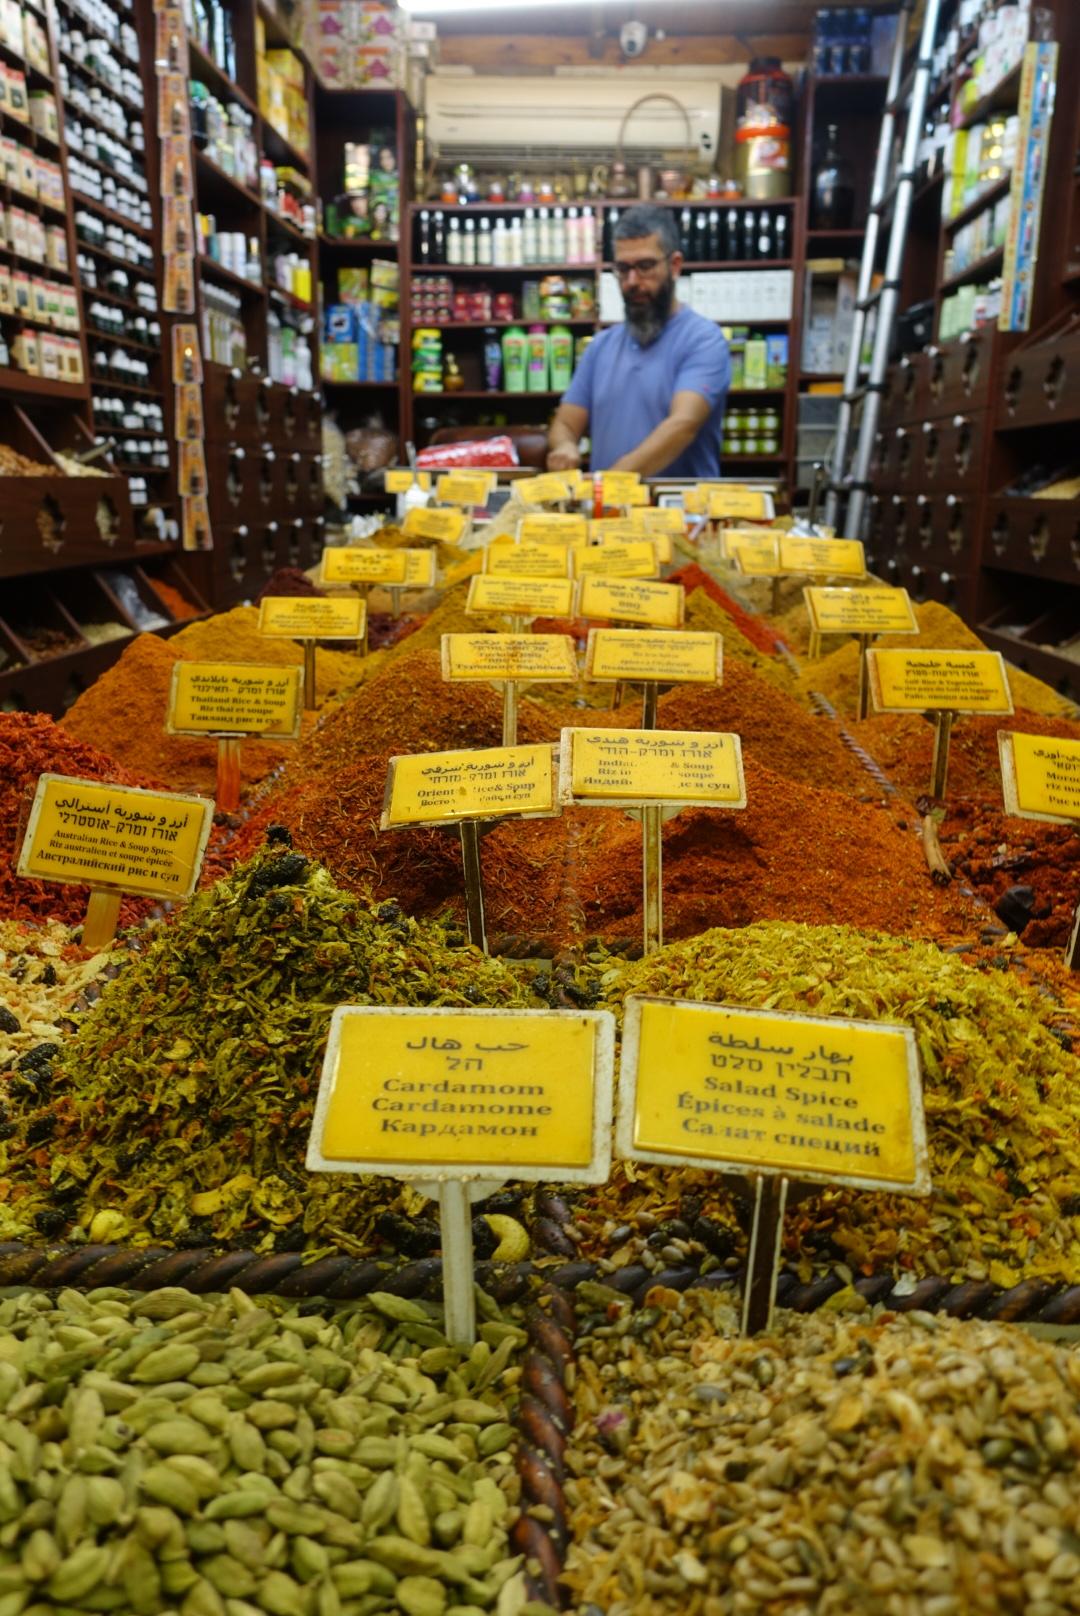 IMG_1122 - Spice market from the old city of Jerusalem.JPG